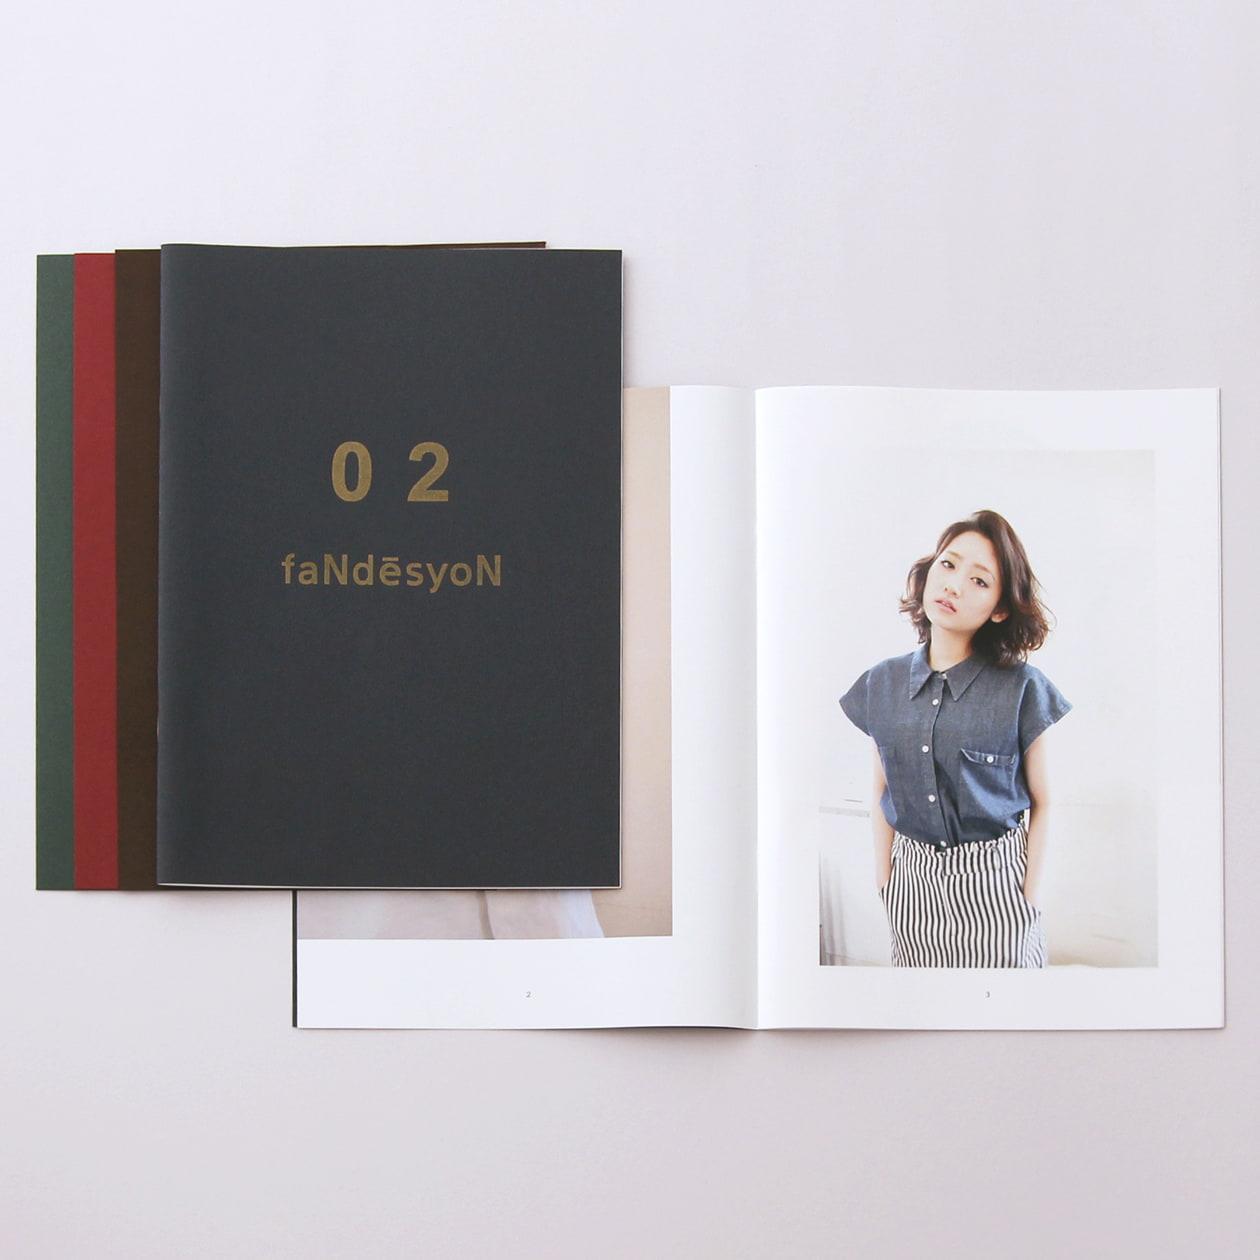 深みのある色の表紙で高級感のある冊子